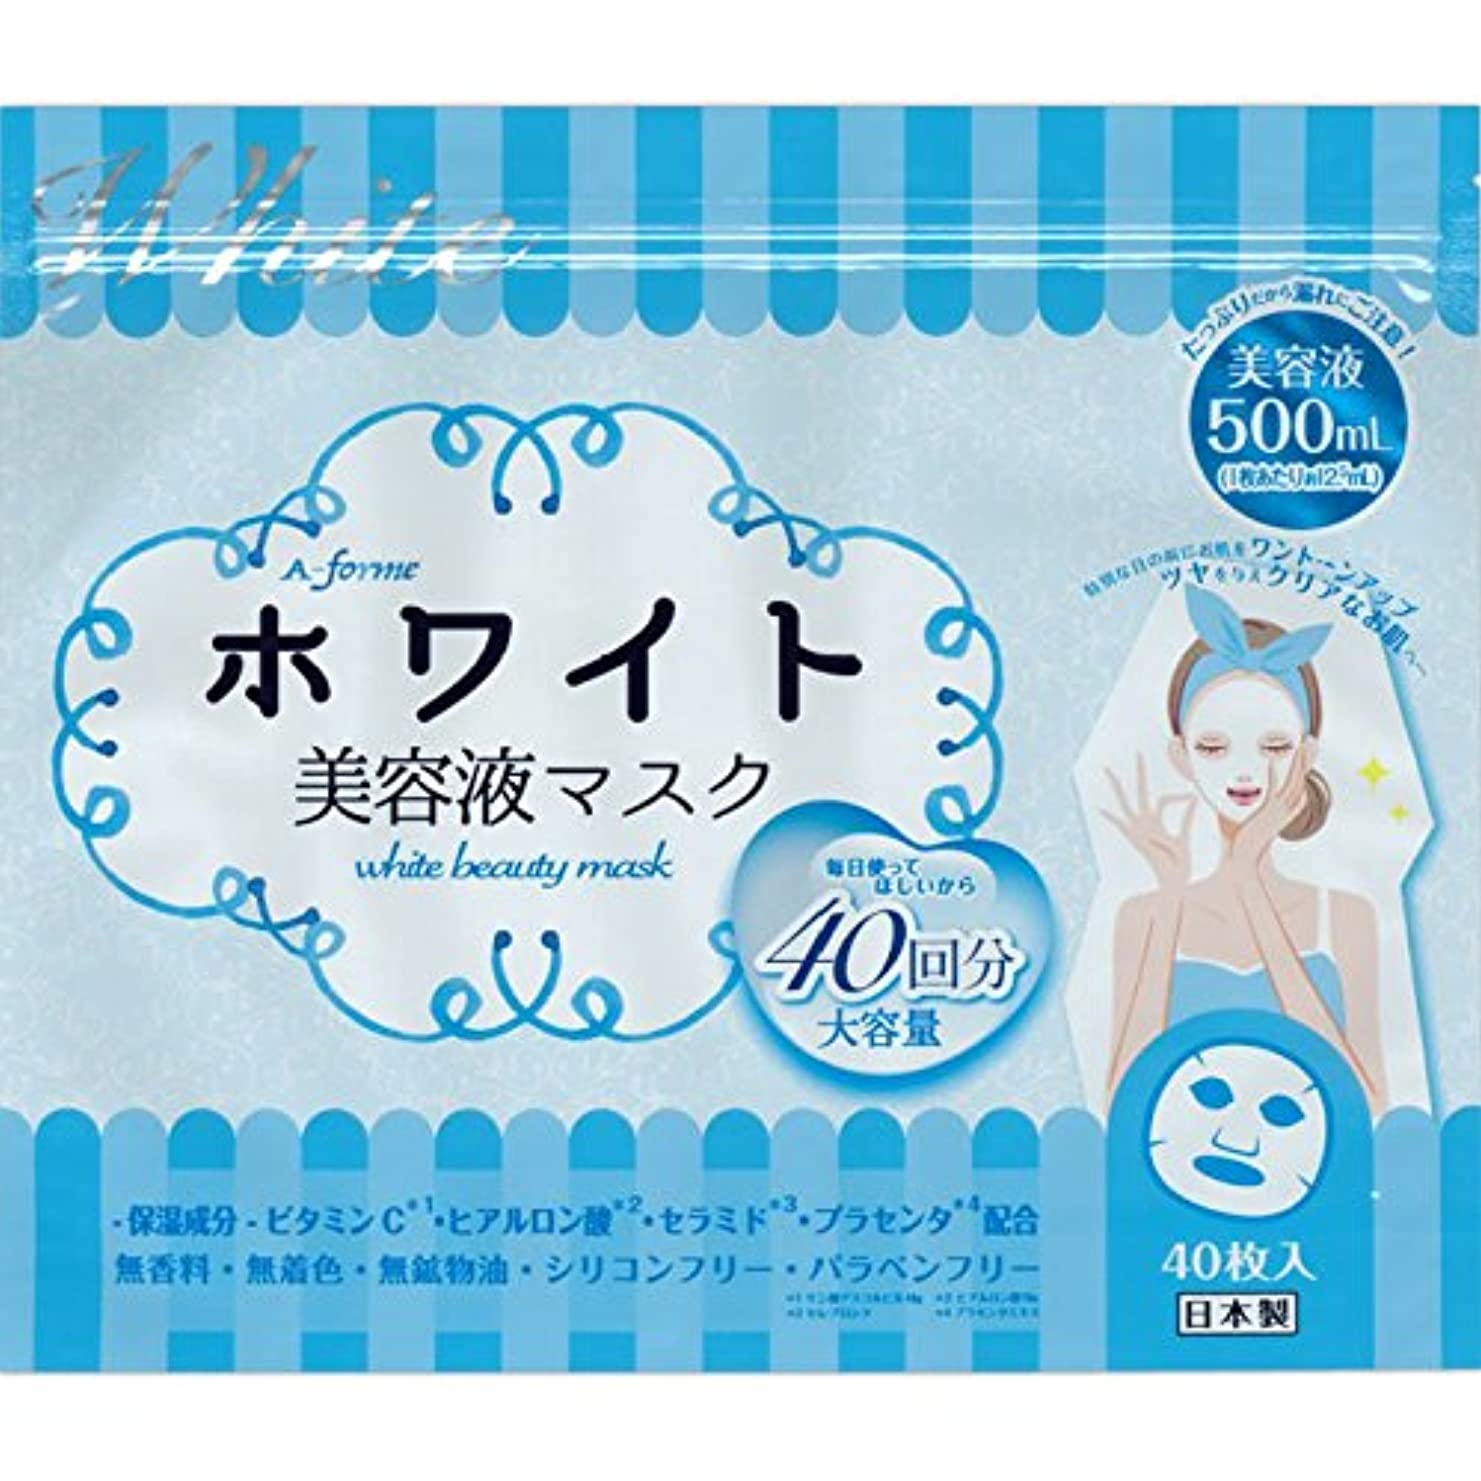 ライオン九月盆エーフォルム ホワイト美容液マスク40枚×4